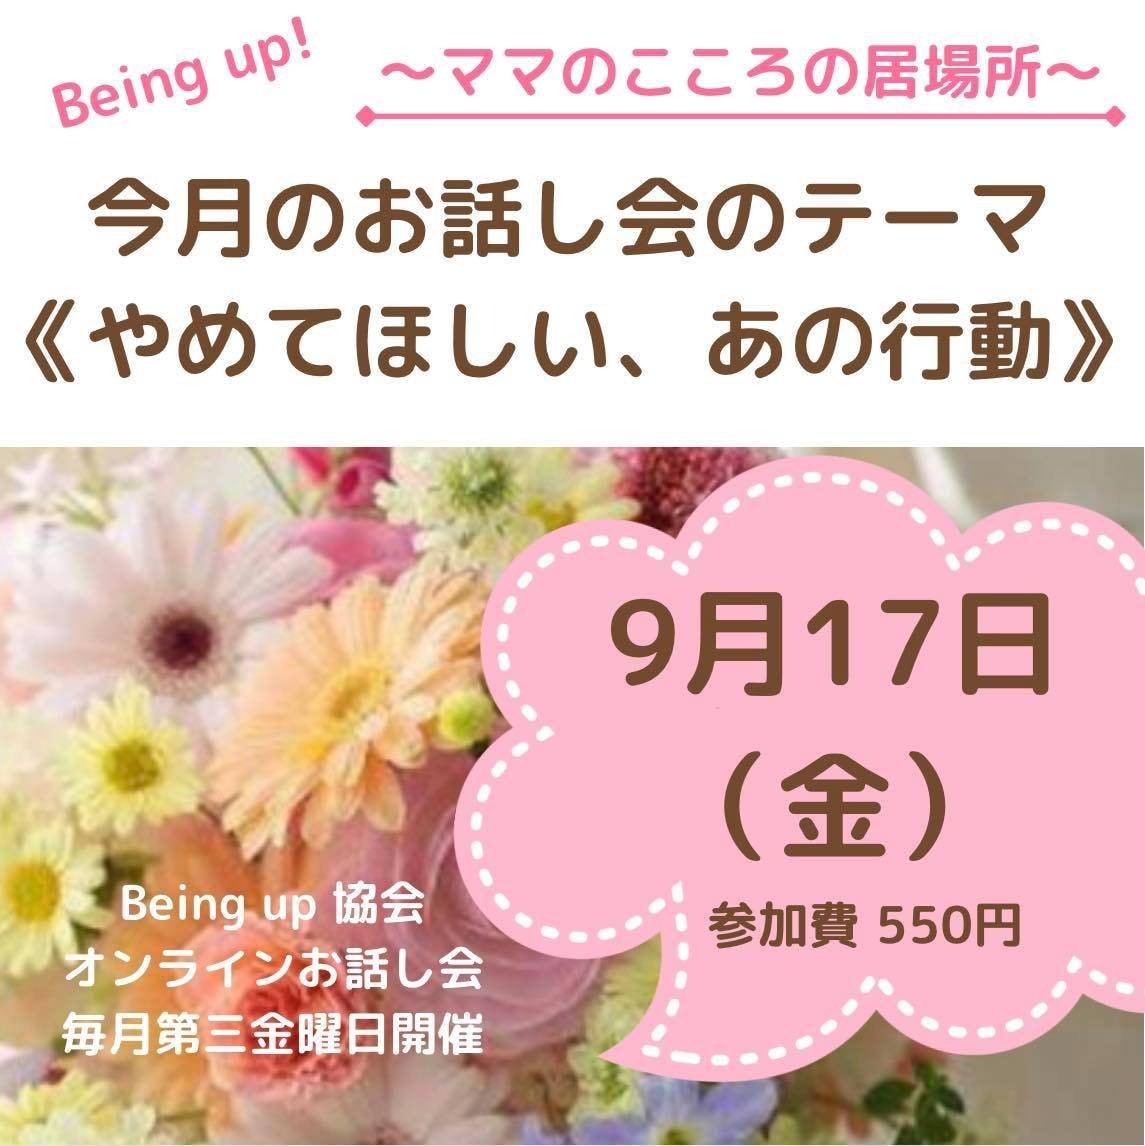 9月1日発売!【9月17日開催】月に1回 子育てお話会 〜ママのこころの居場所〜のイメージその1